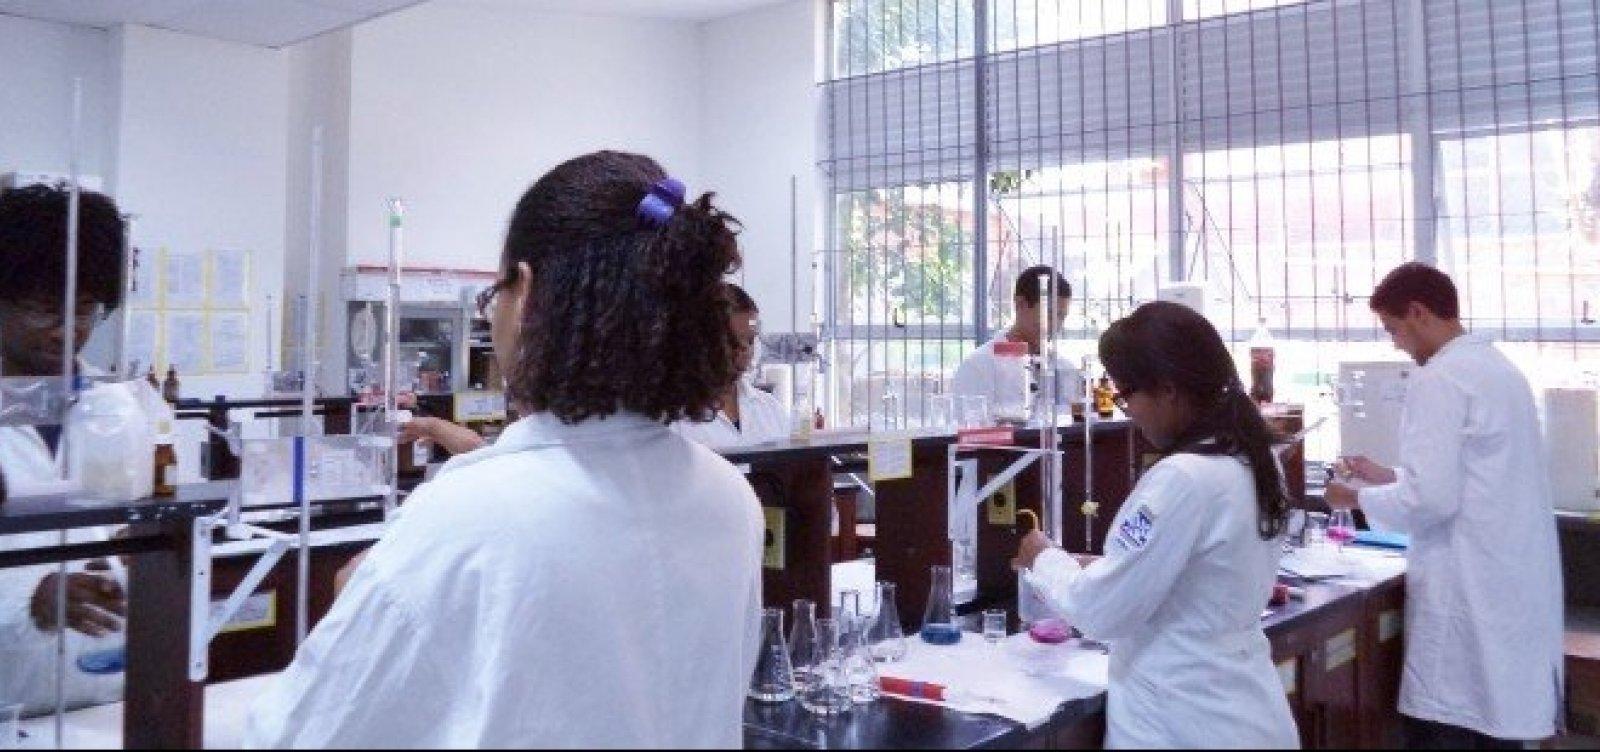 Cientistas temem apagão após cancelamento de projetos feito pelo governo